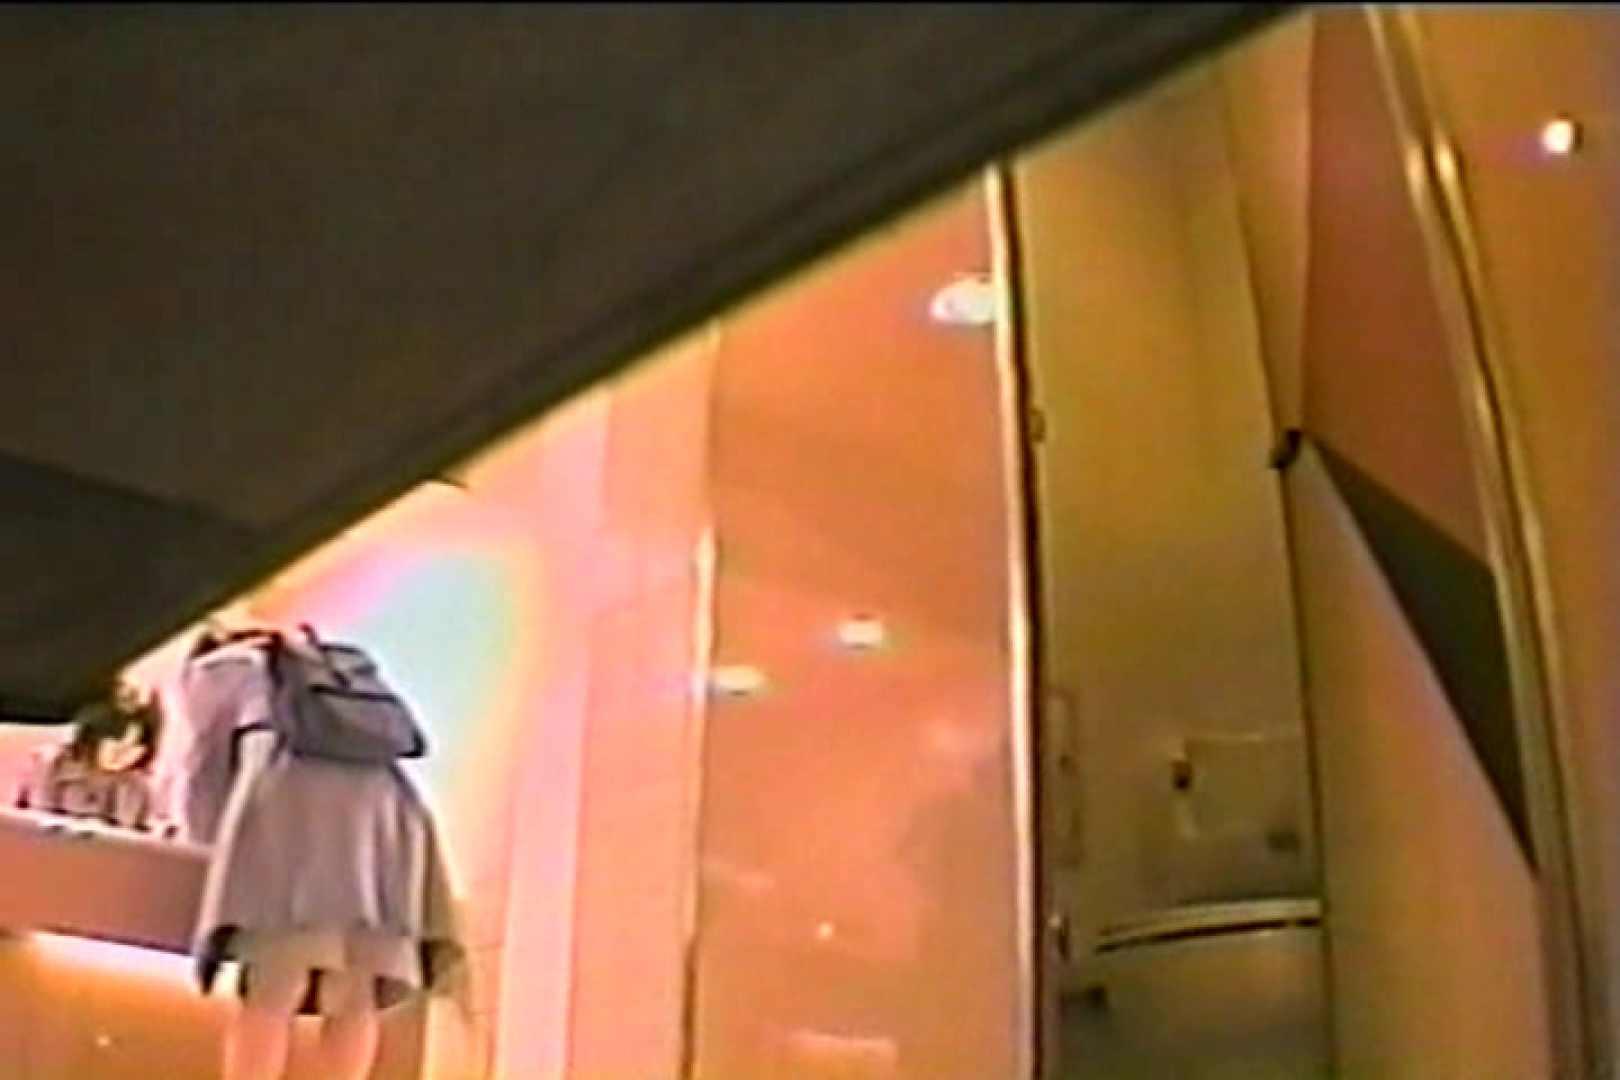 門外不出デパート洗面所 No.15 洗面所 オマンコ動画キャプチャ 85連発 44